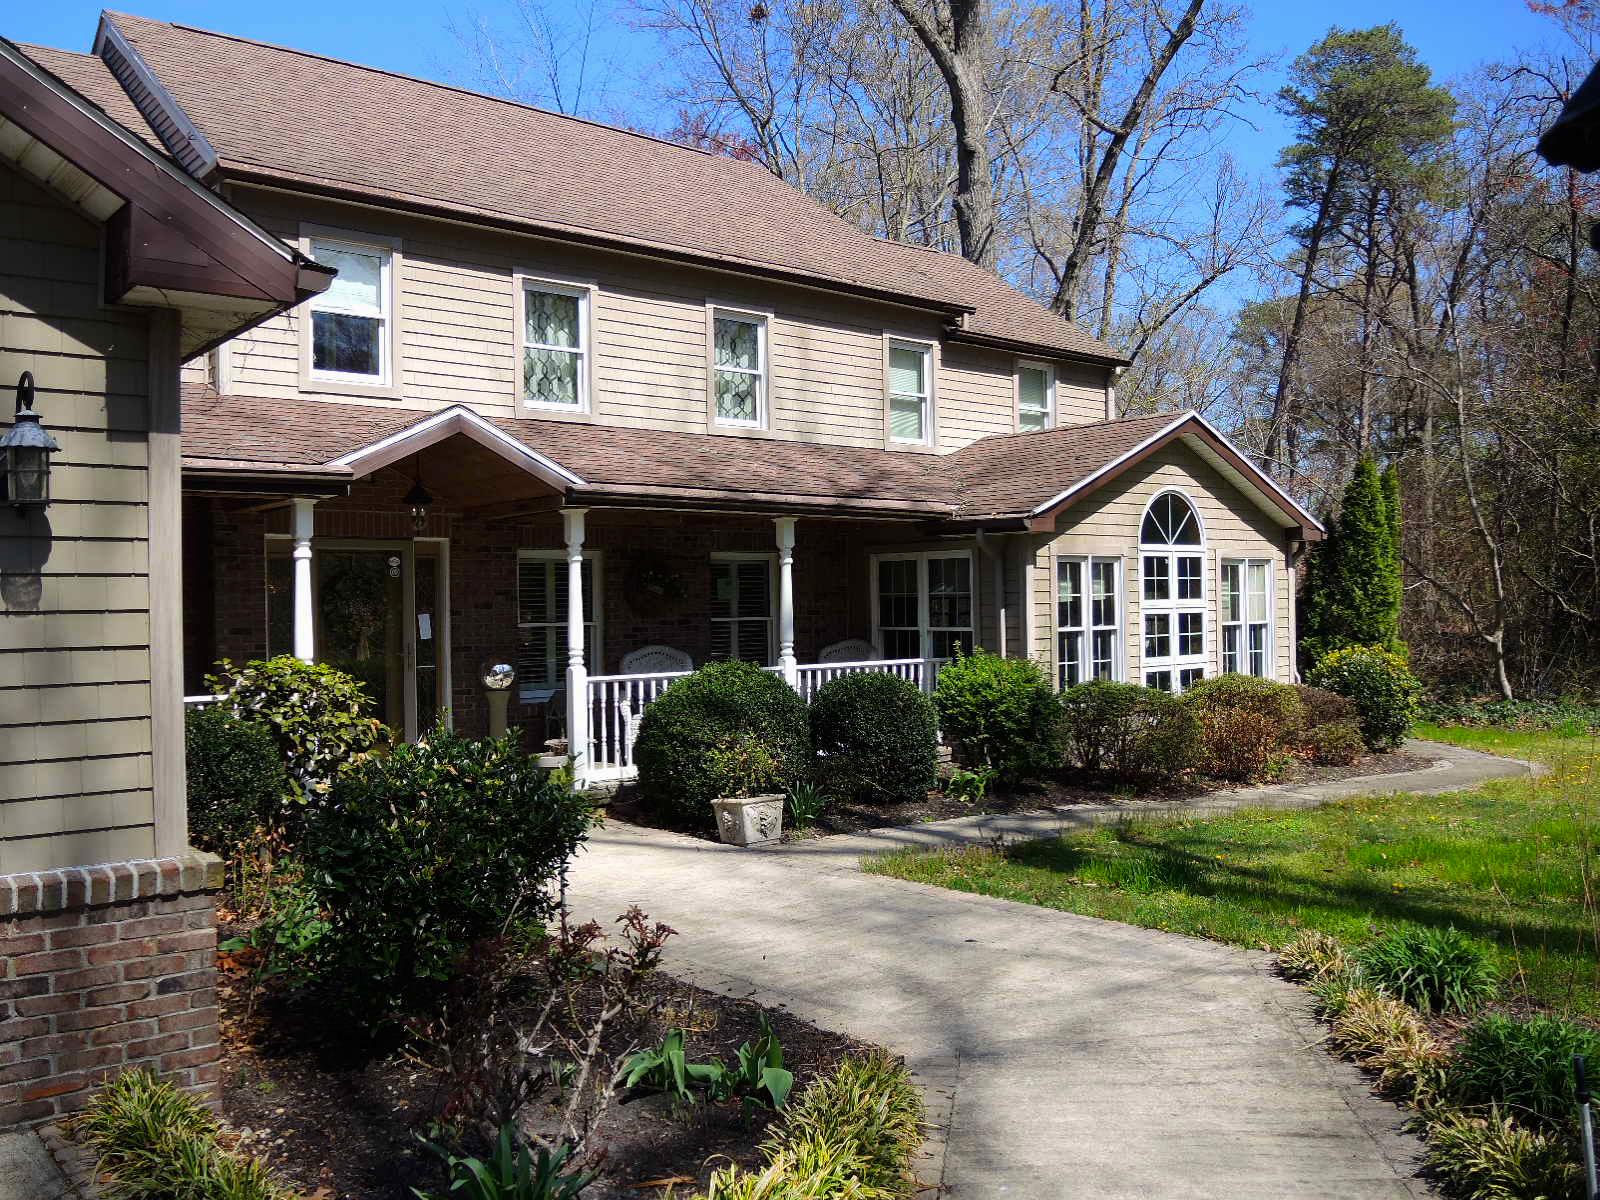 DSCN9918 - Gmoser's home.jpg